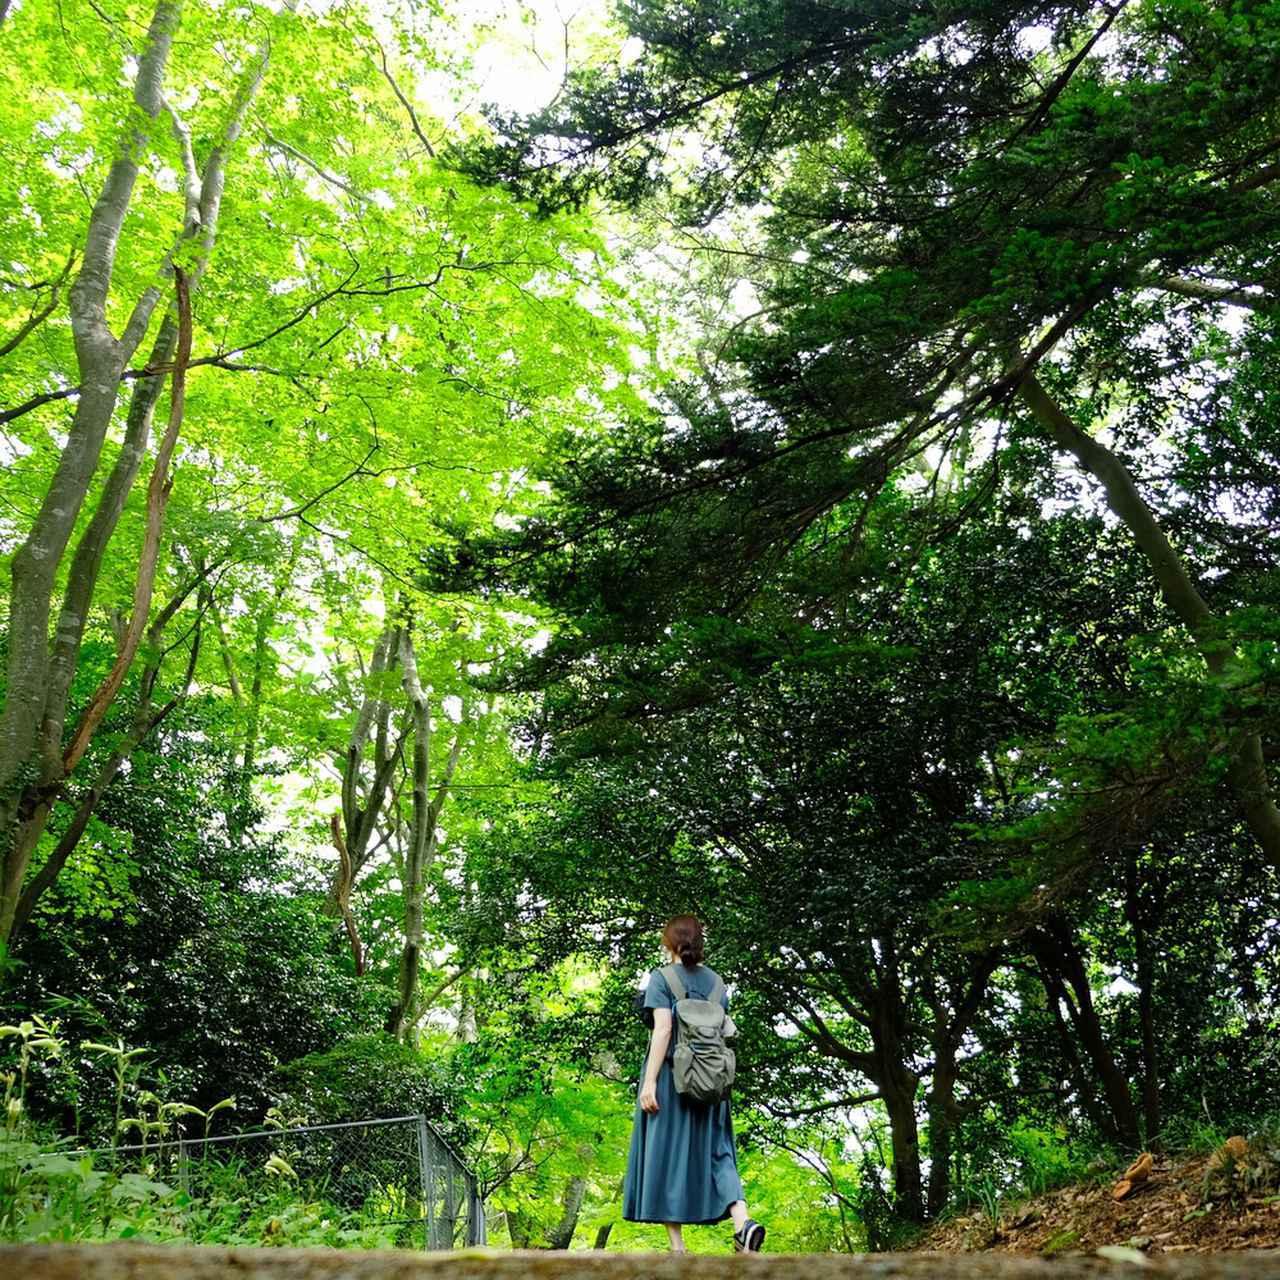 画像: 松島エリアは観光客で結構混みあっているのですが、ここ福浦島はとっても静か。遠くから聞こえる汽笛がなんだかロマンチック…。